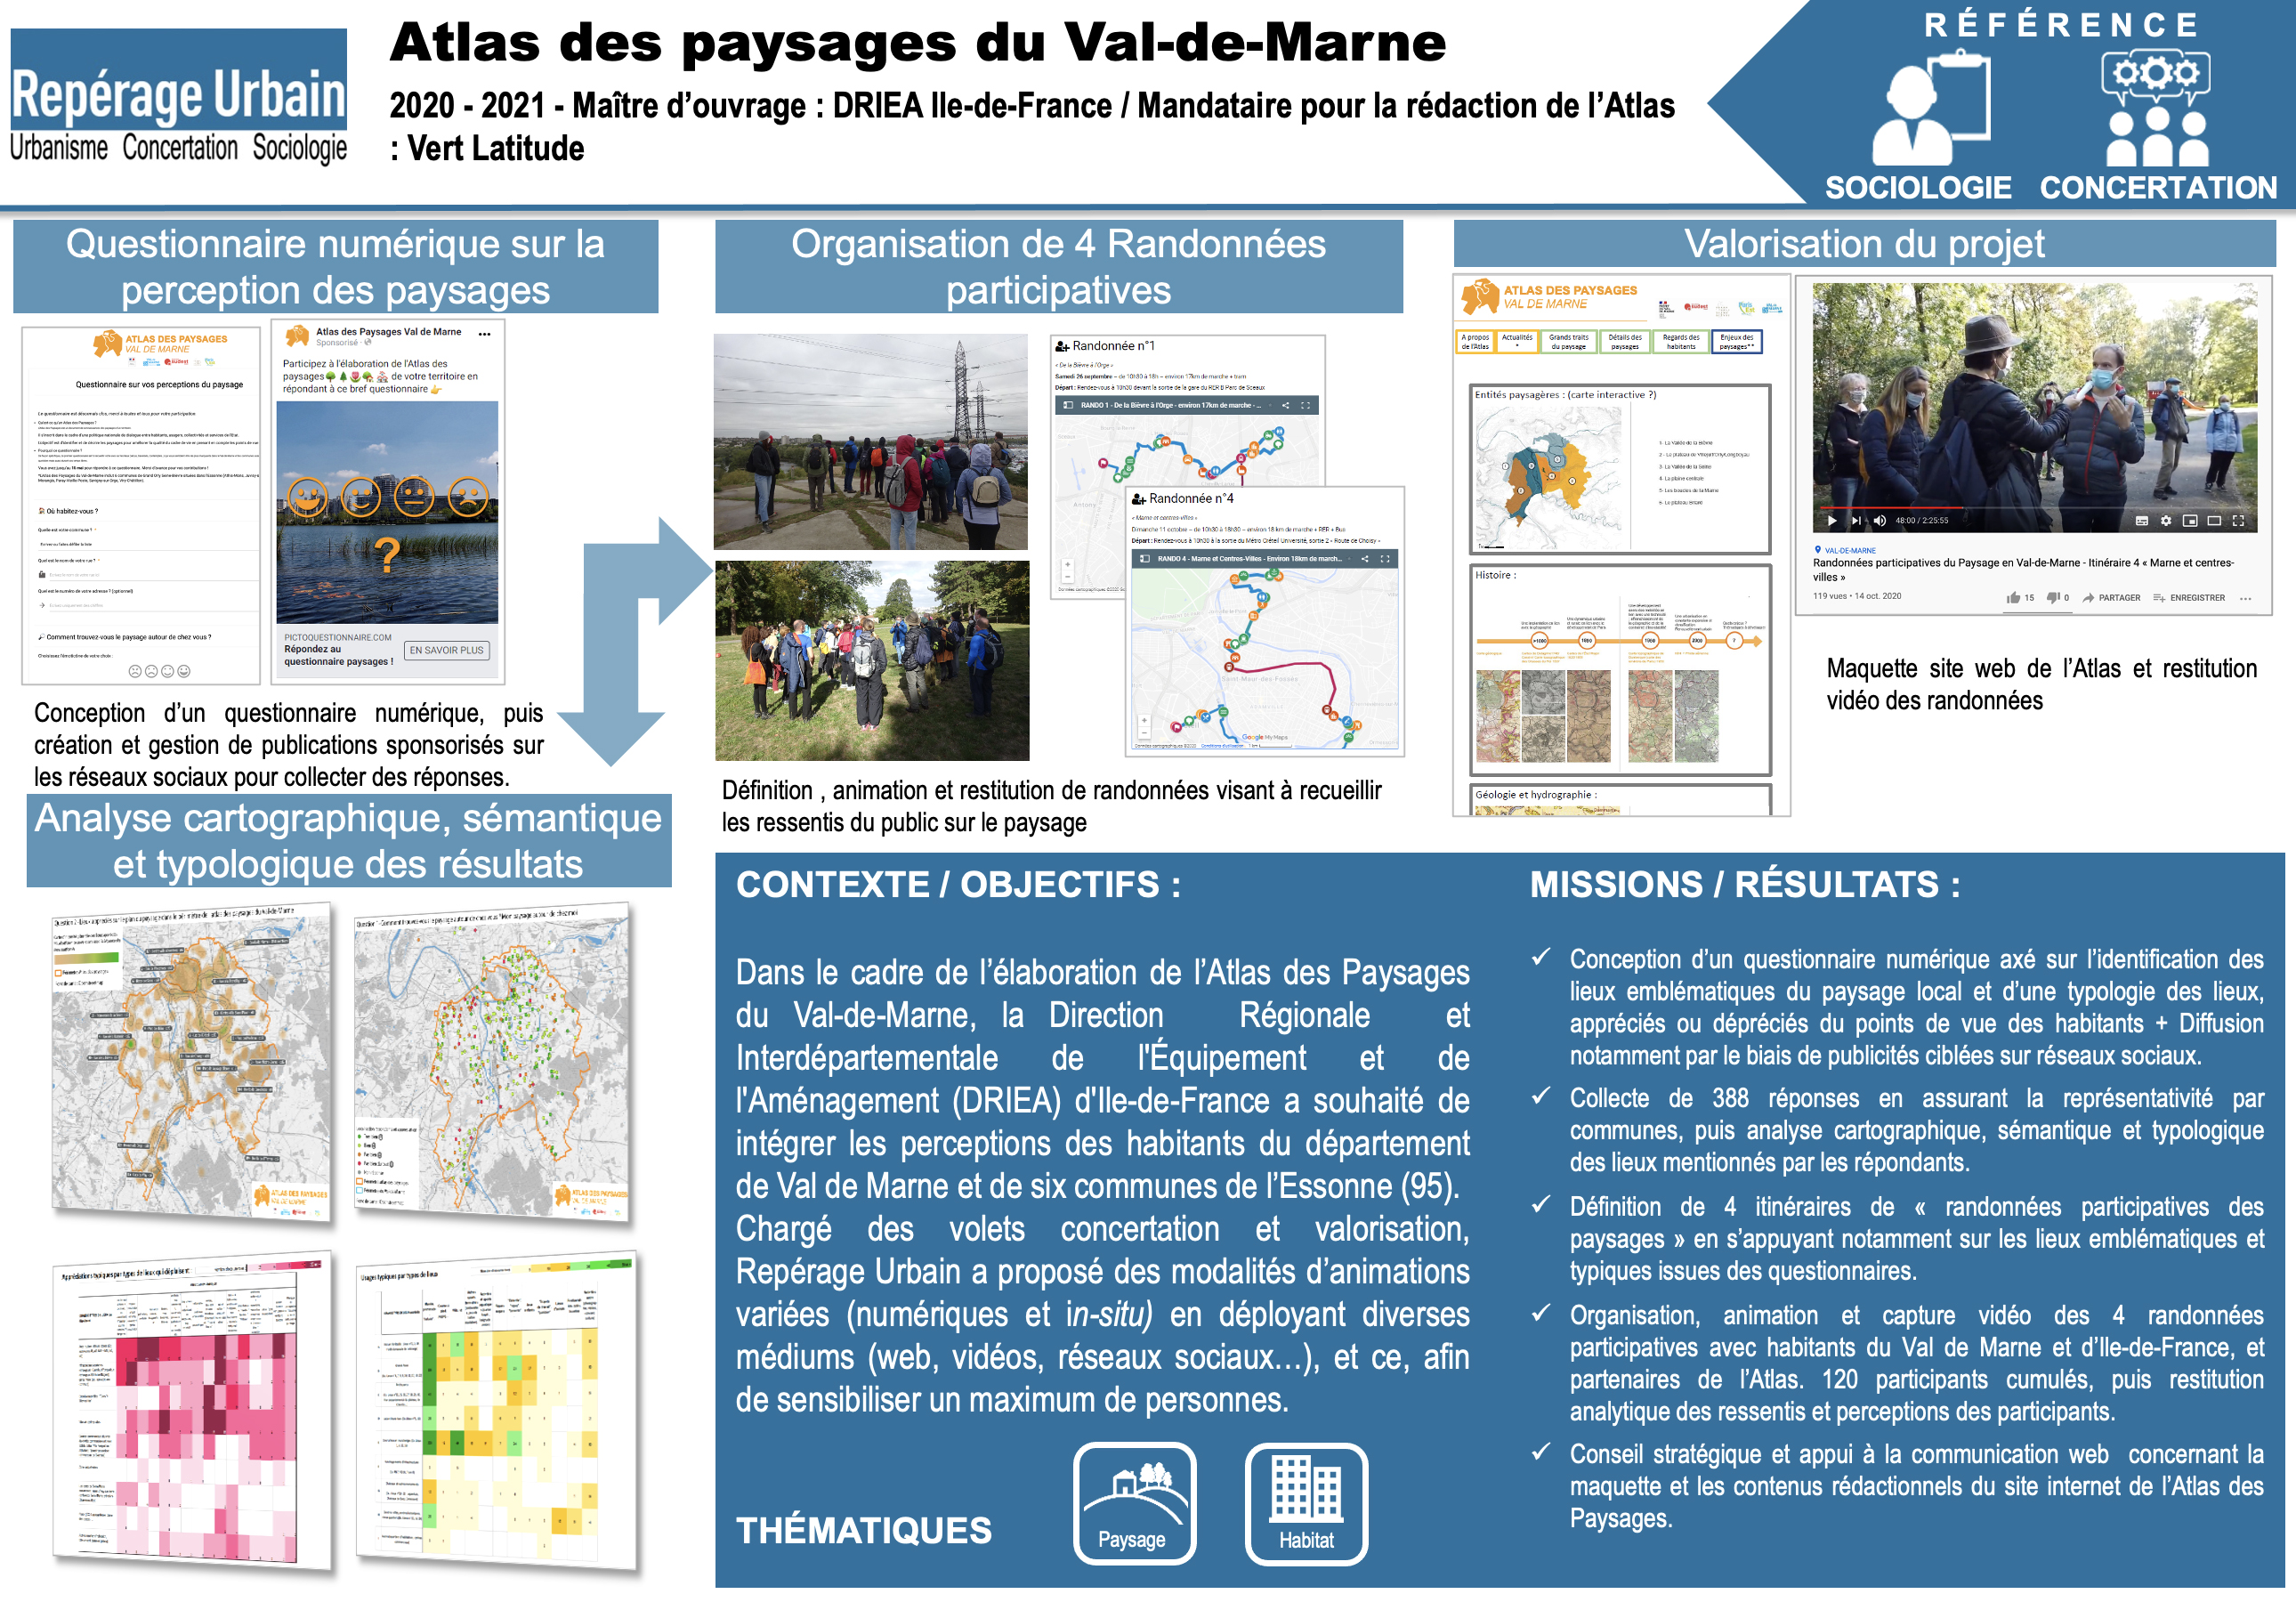 2020 - Atlas des paysages